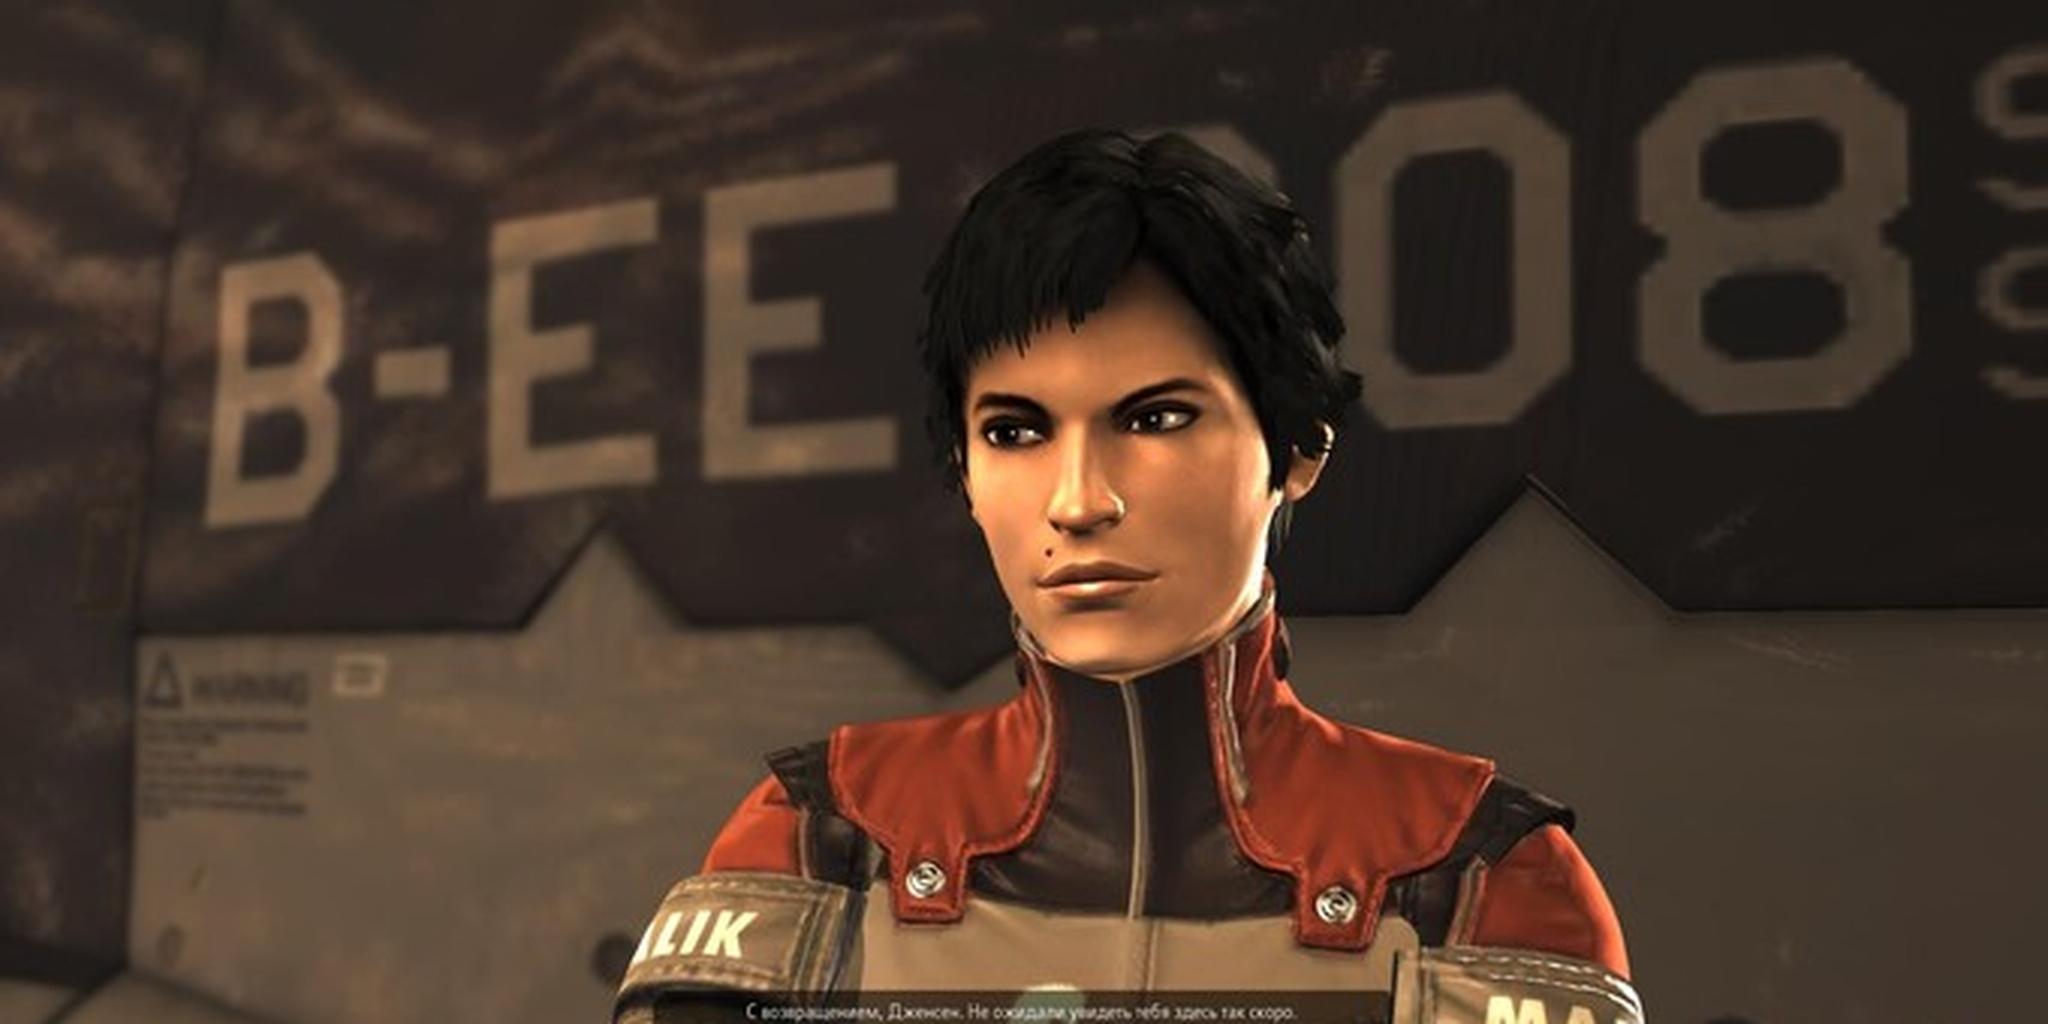 Faridah Malik from Deus Ex: Human Revolution